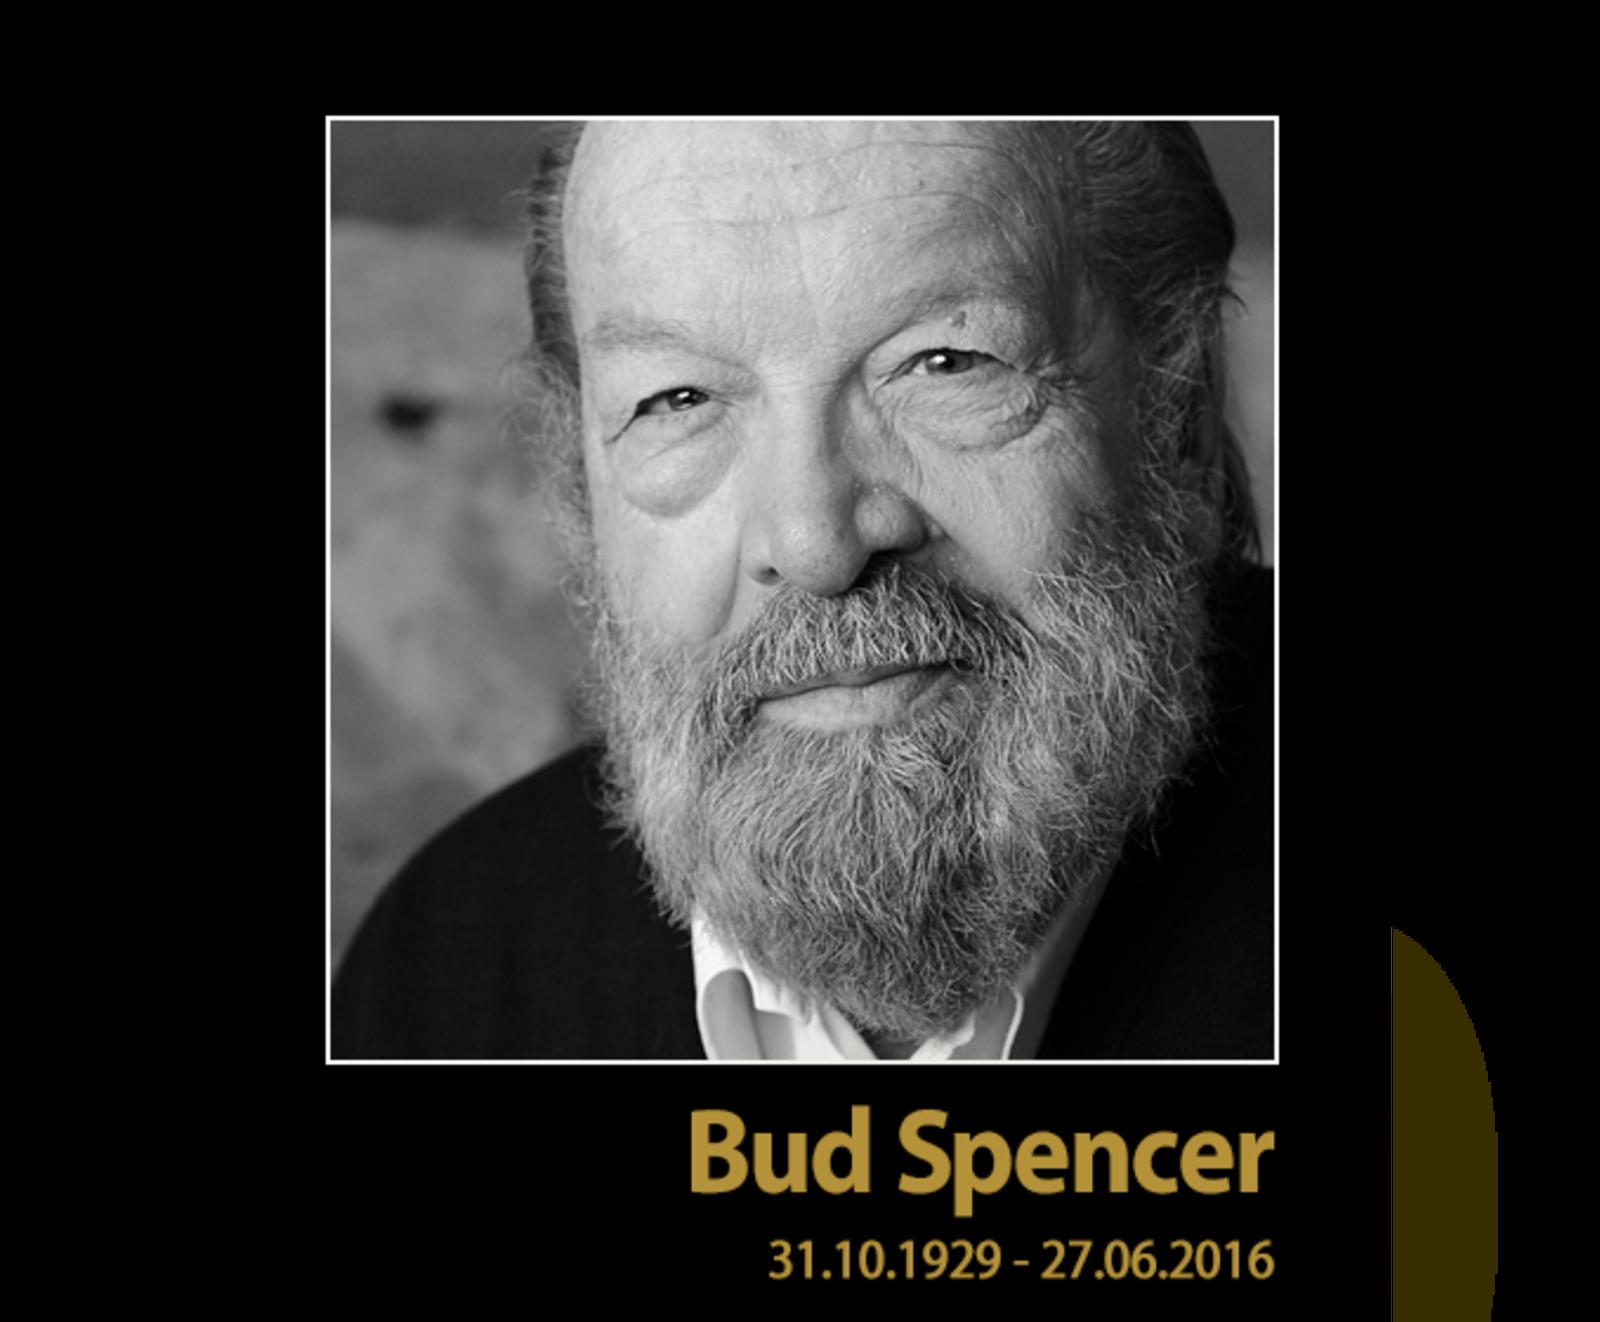 Bud Spender